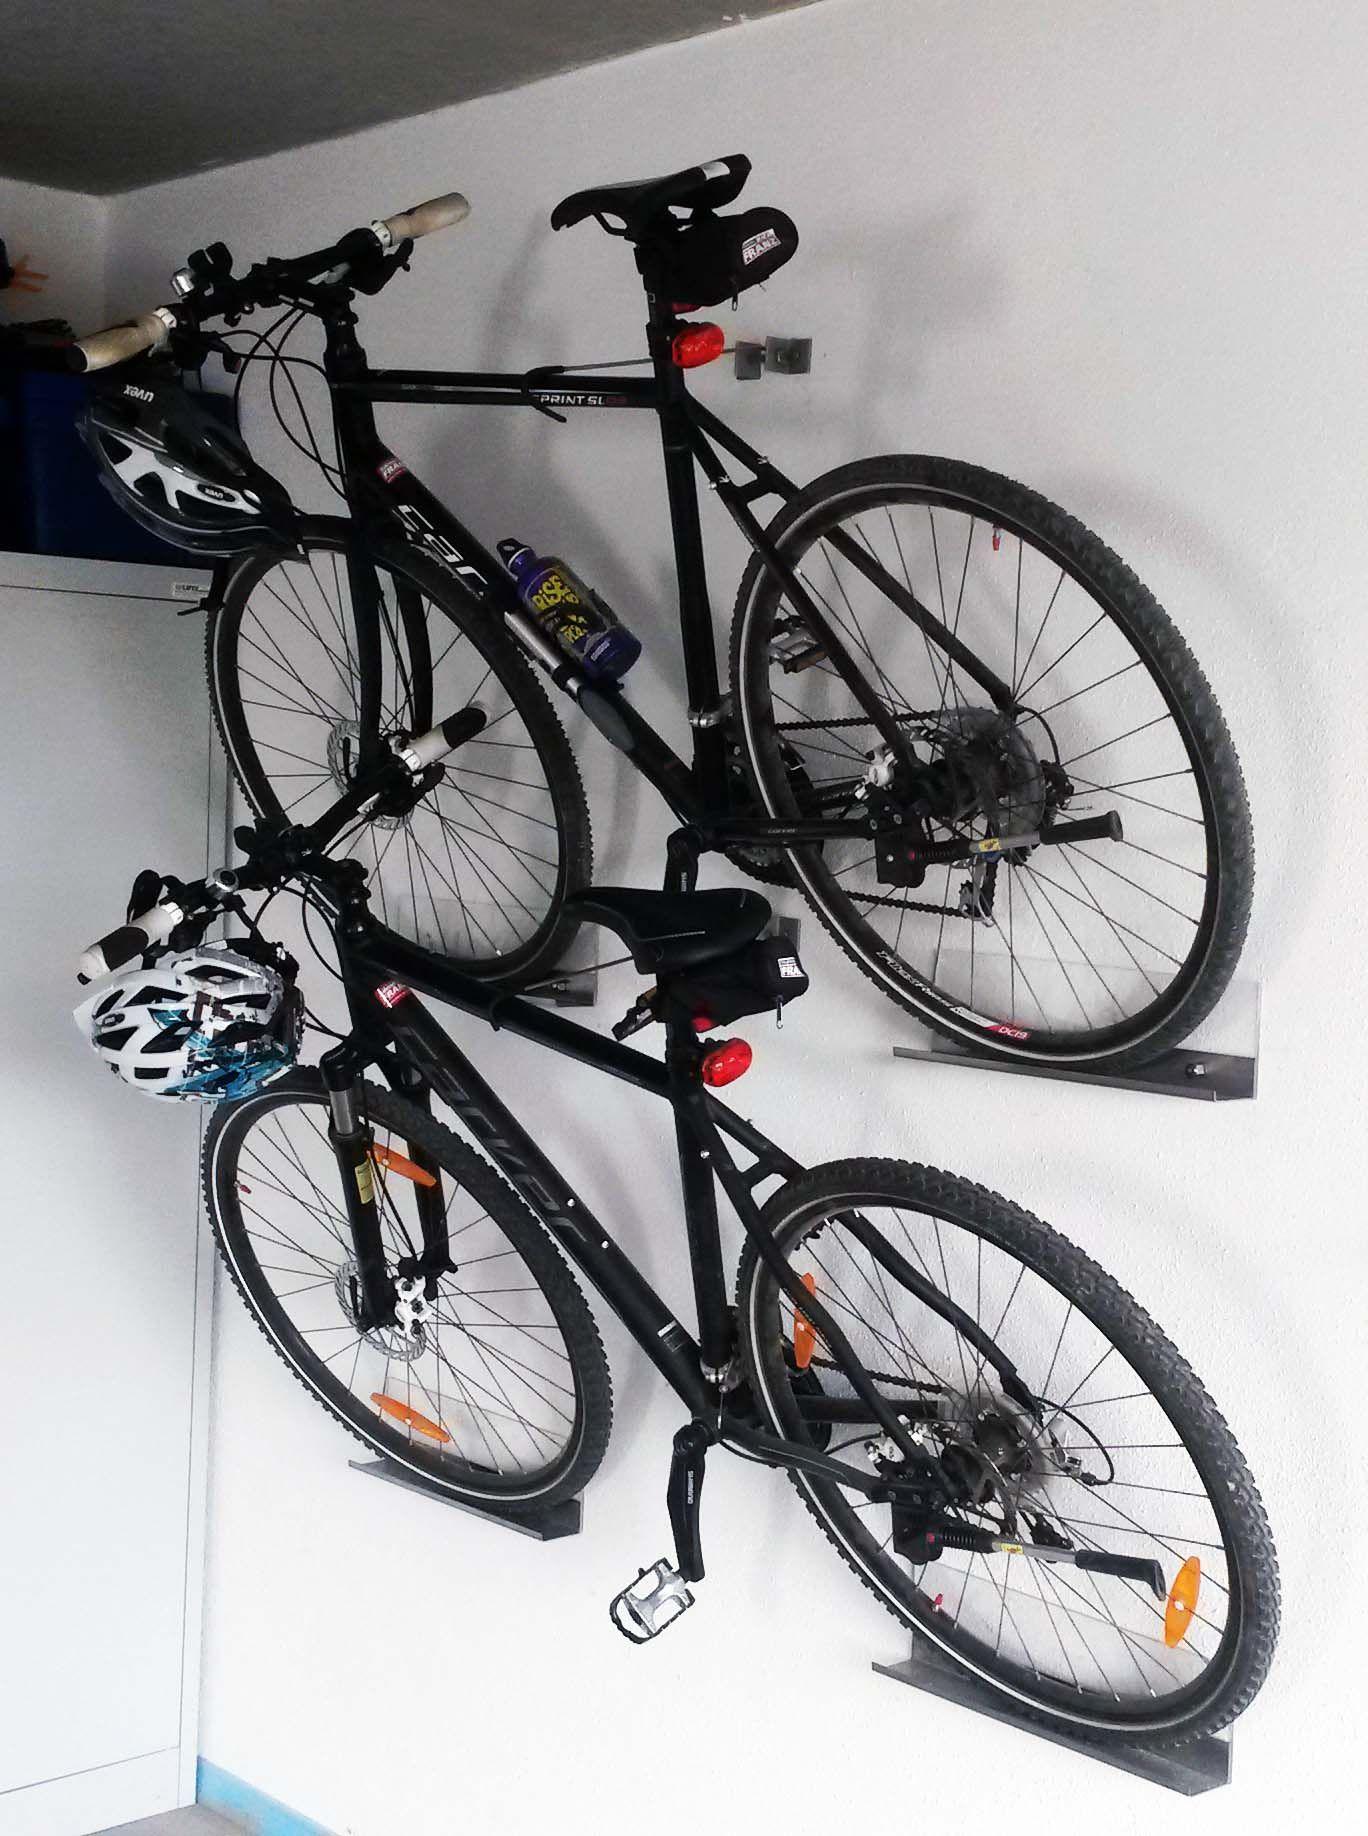 du m chtest dein fahrrad nicht immer im weg stehen haben. Black Bedroom Furniture Sets. Home Design Ideas